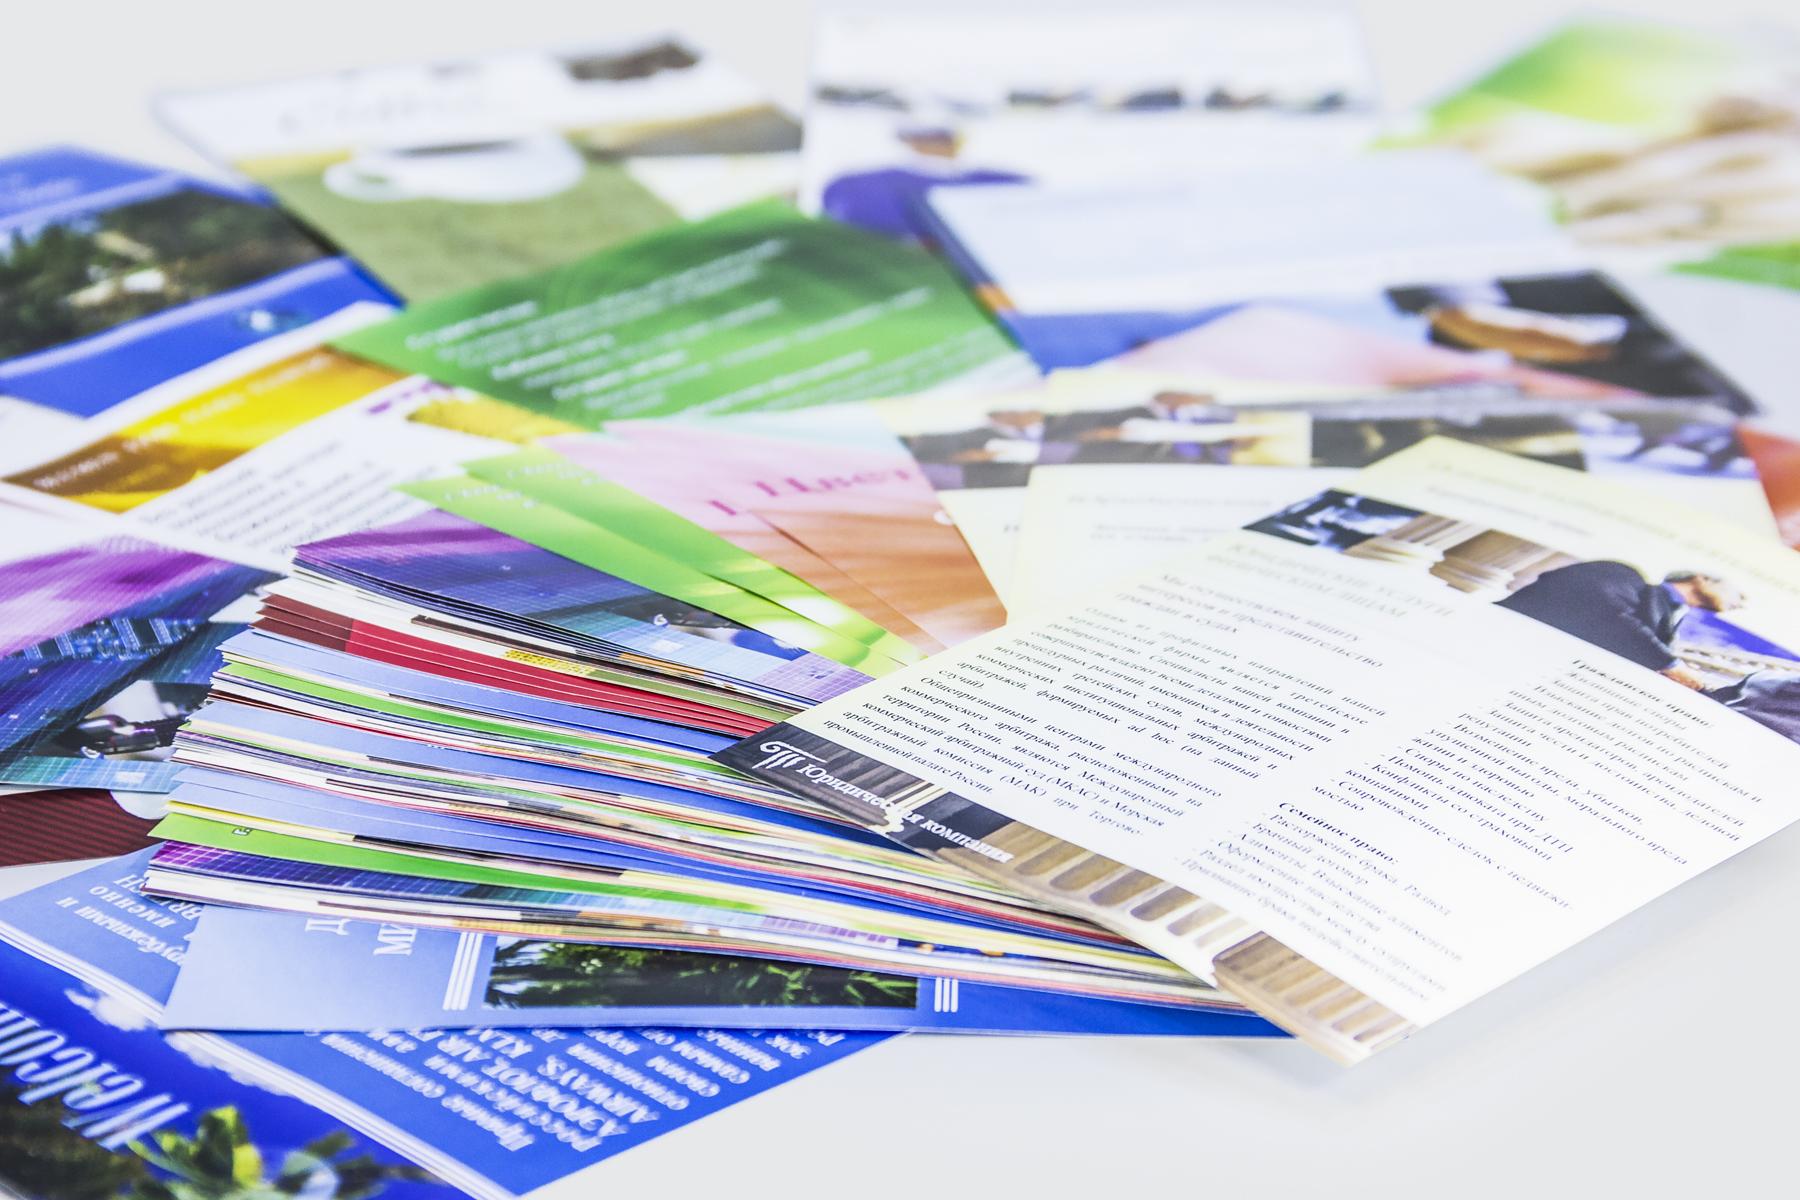 Где распространить листовки по почтовым ящикам выгоднее